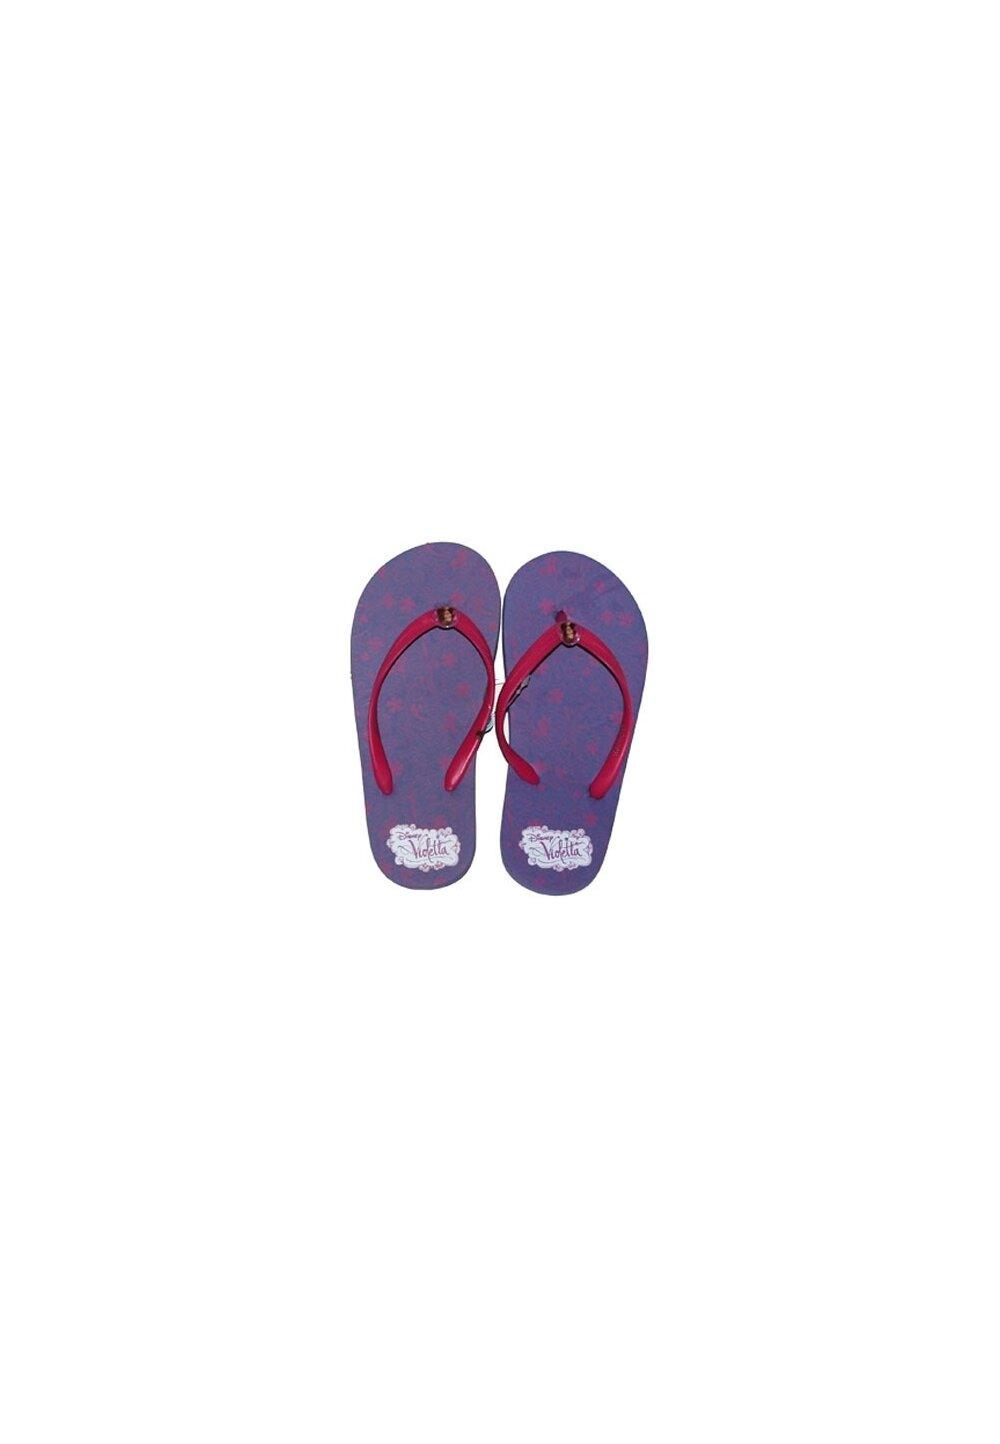 Papuci flip-flop, Violetta, mov cu floricele imagine